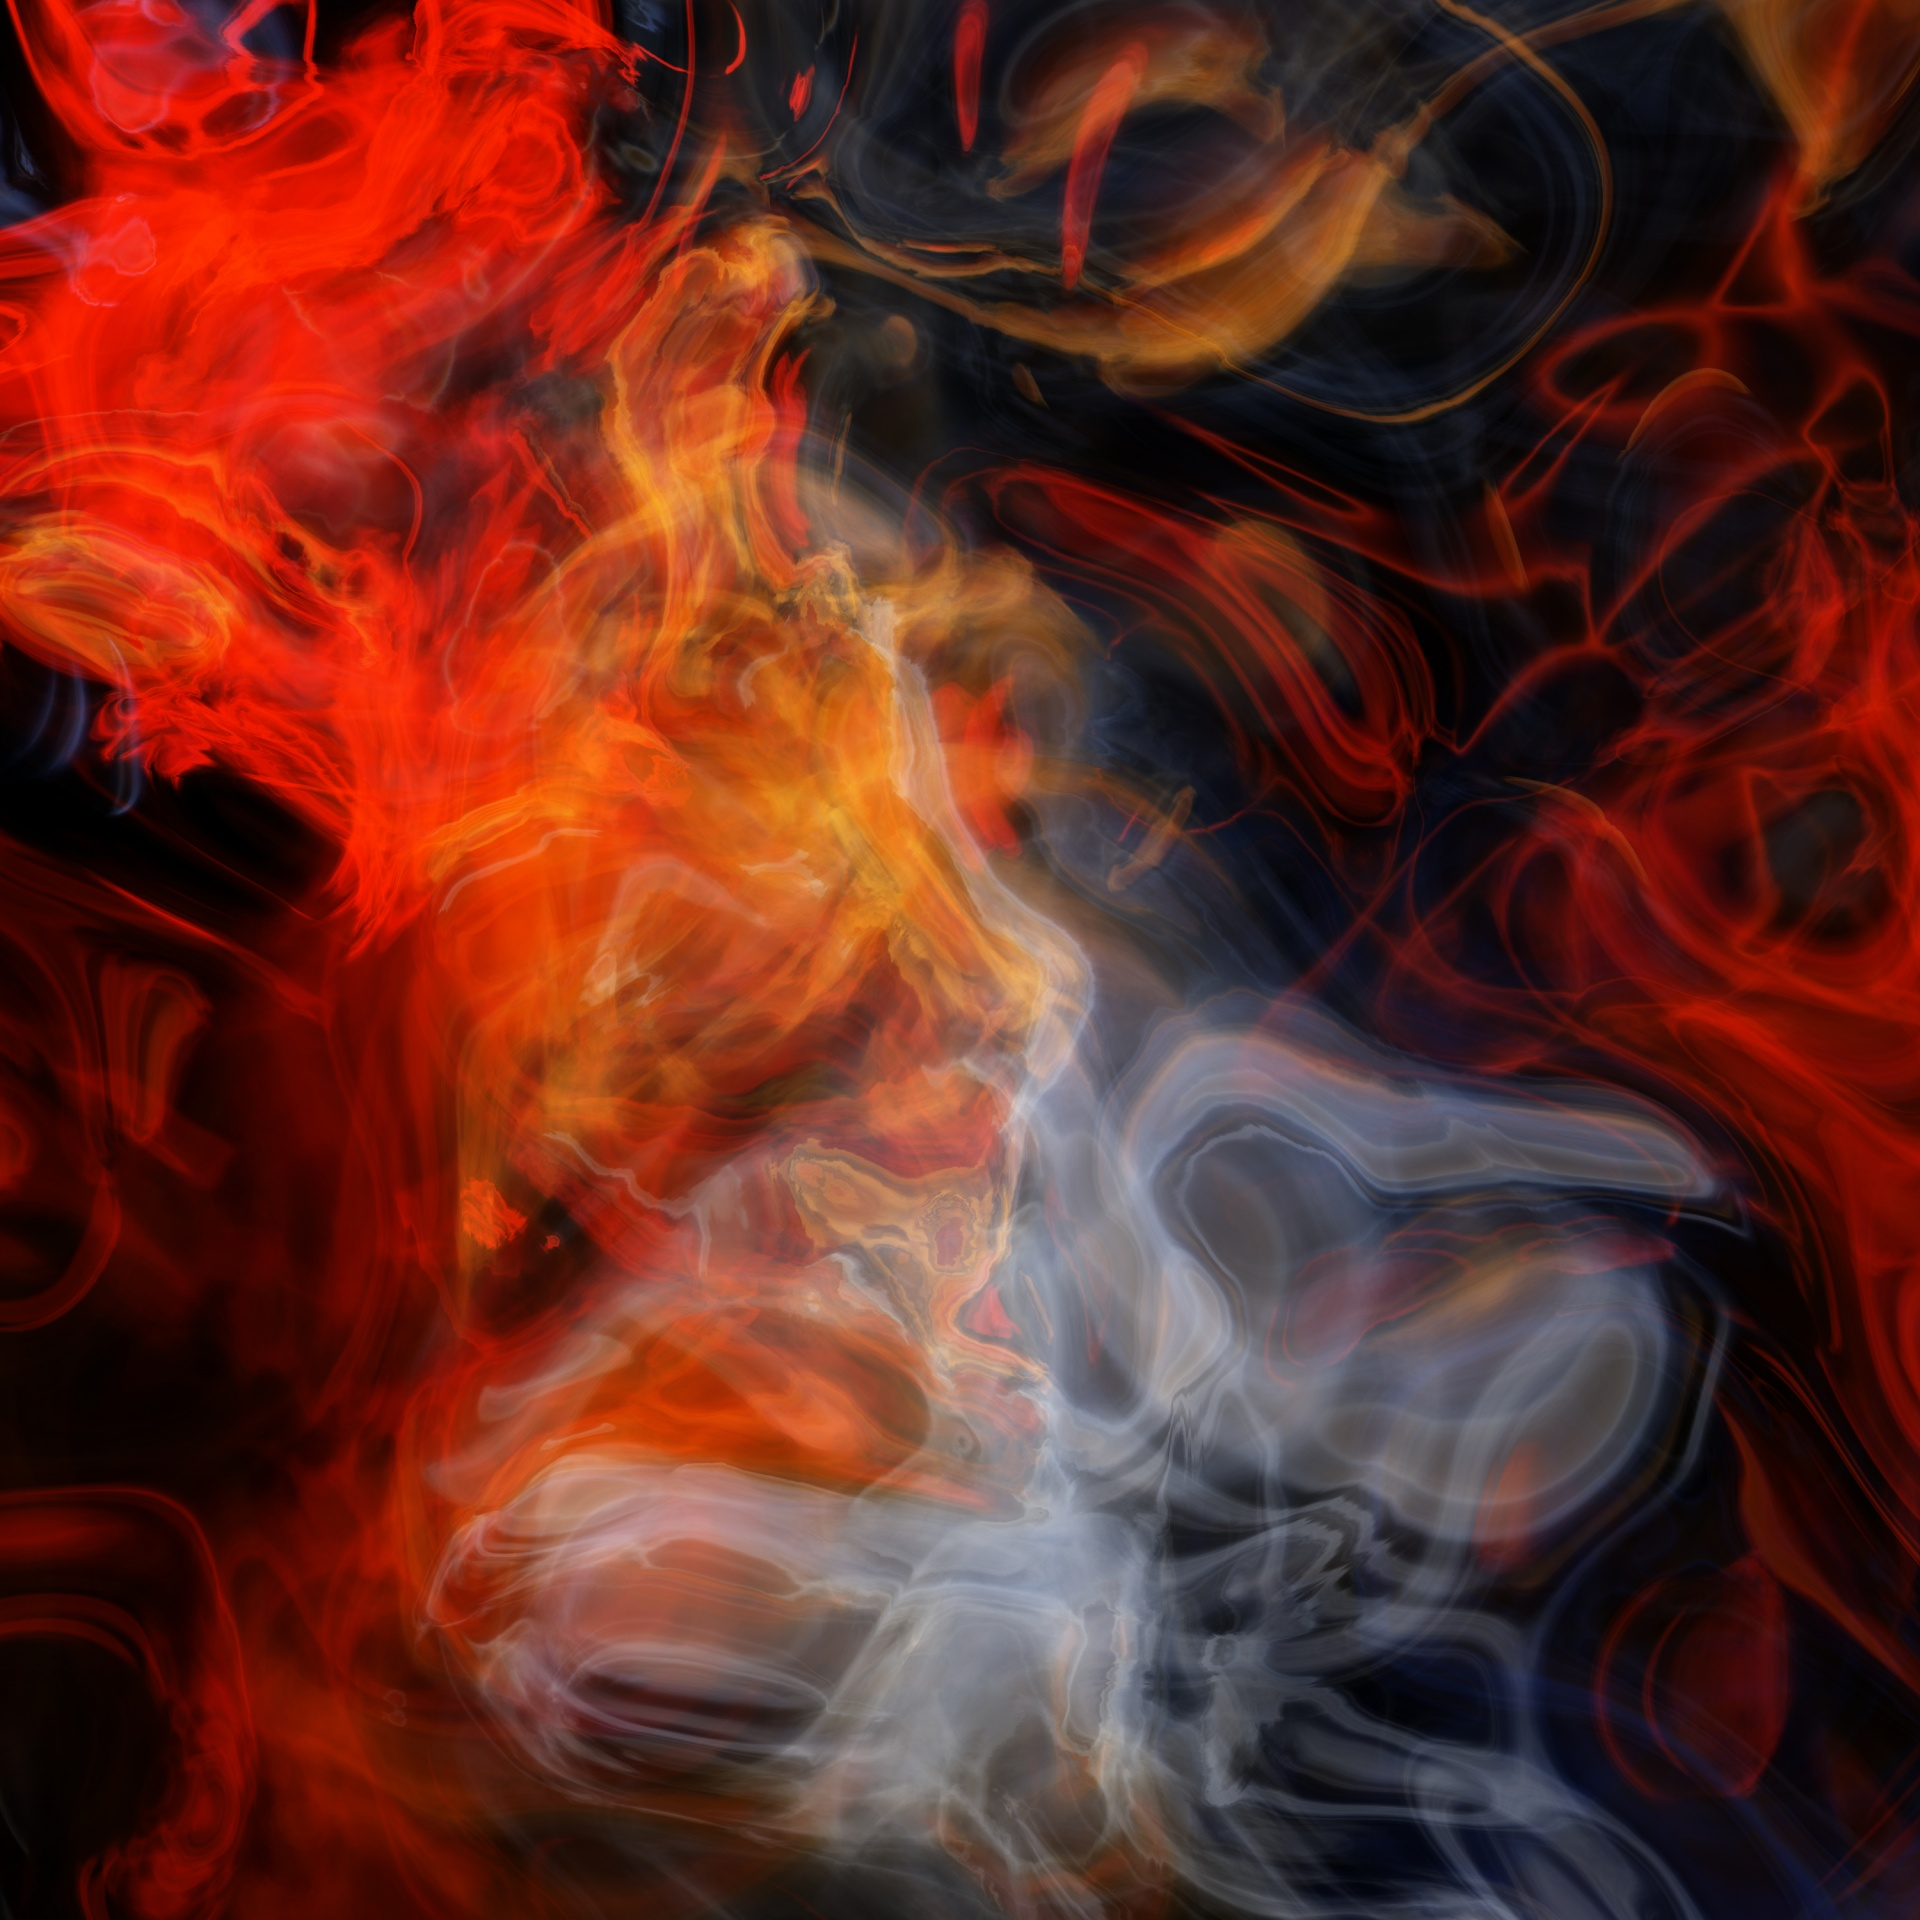 rauch-hintergrund-1575902986IPo